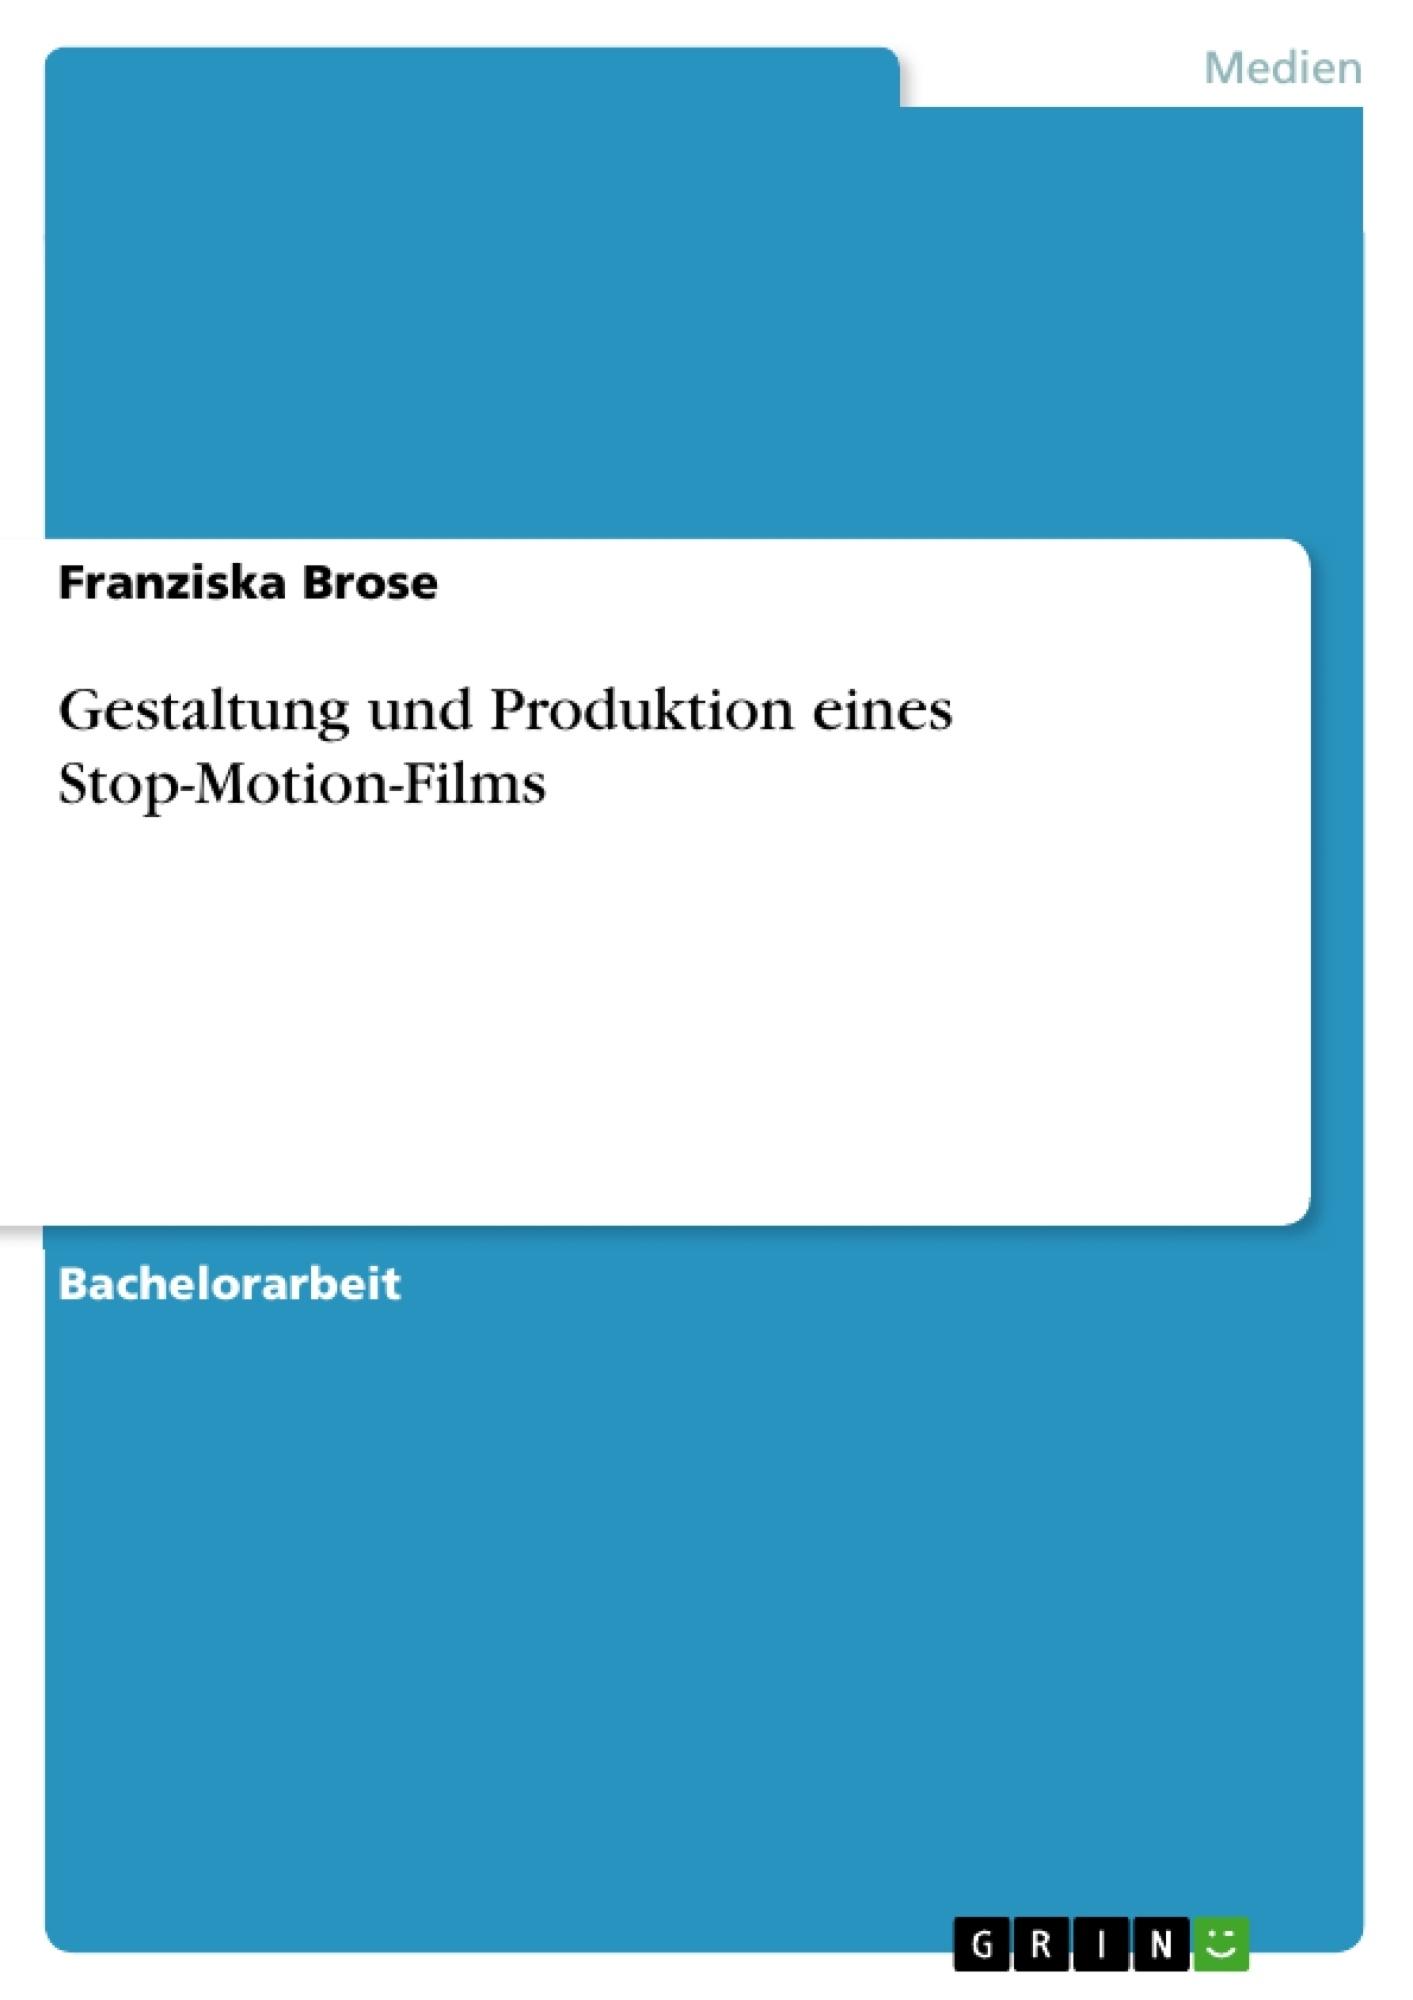 Titel: Gestaltung und Produktion eines Stop-Motion-Films